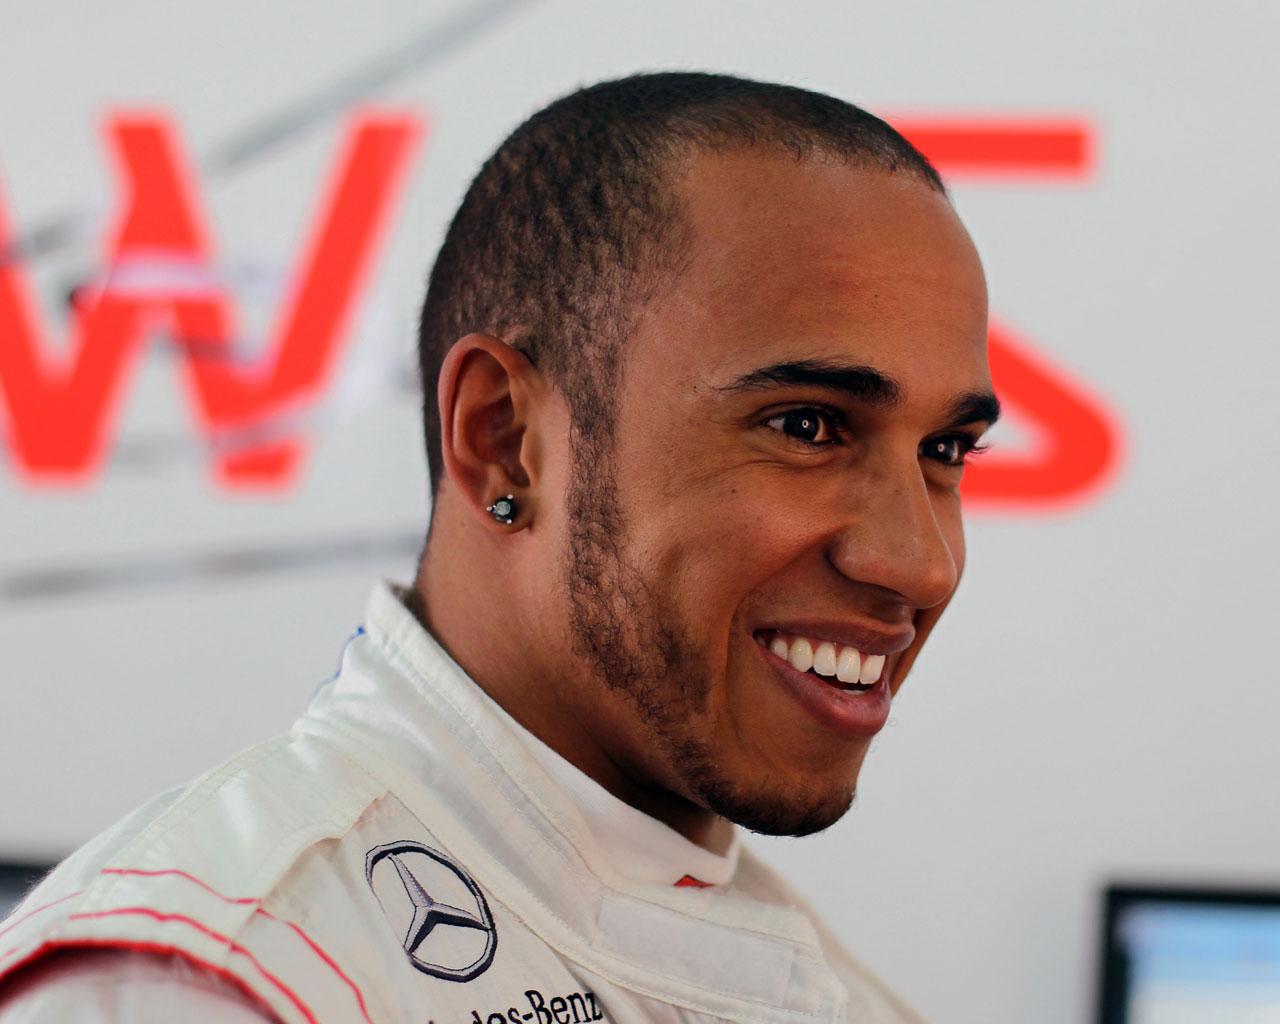 Lewis Hamilton, The Formula 1 Genius